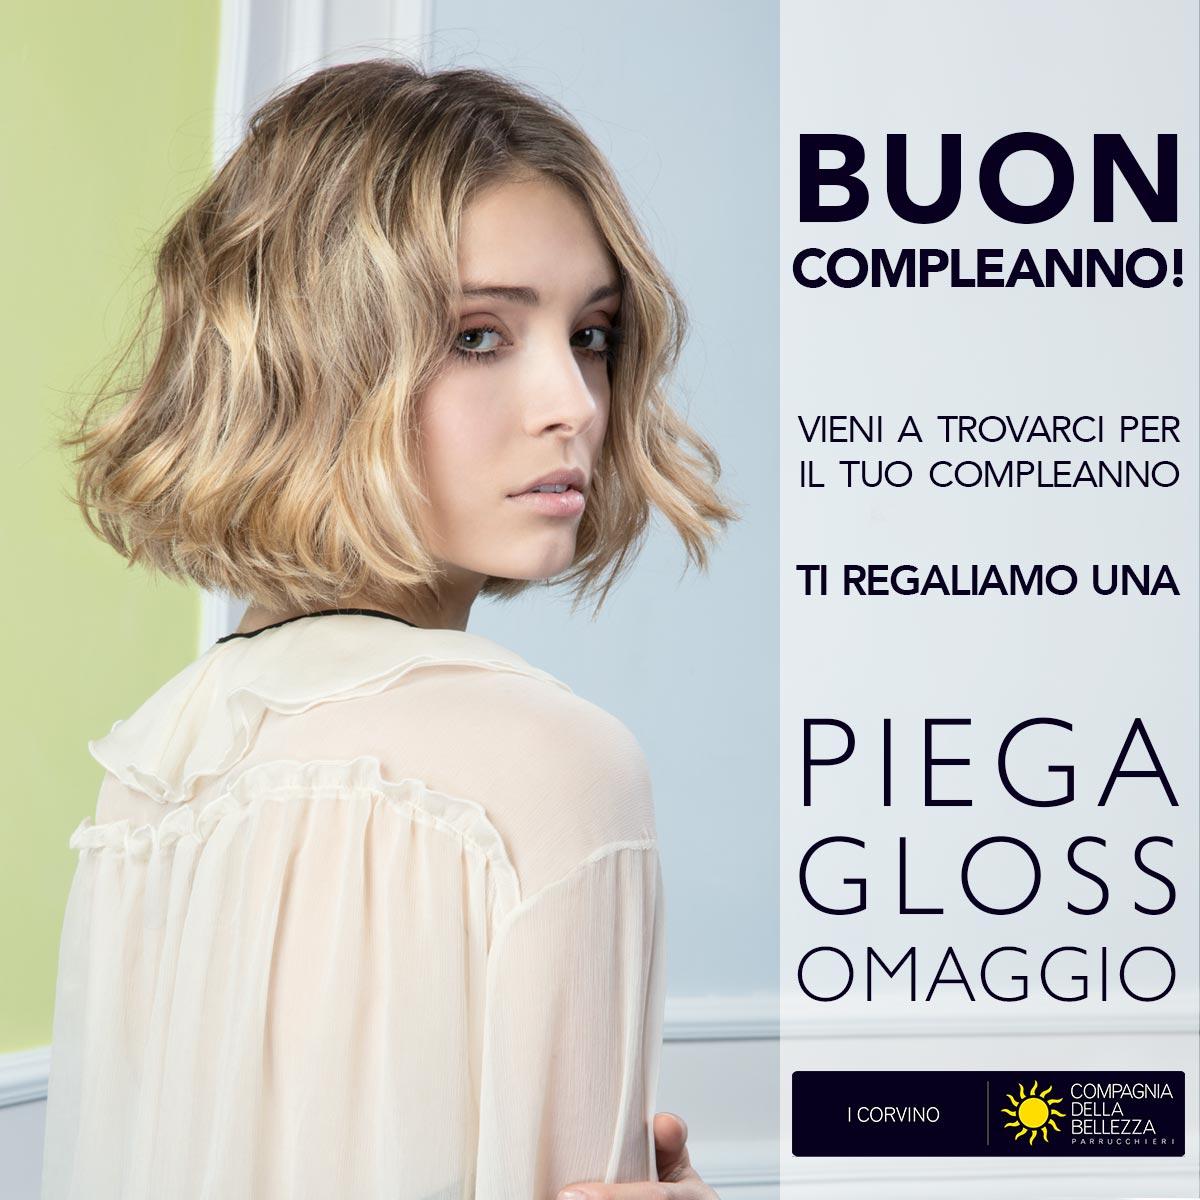 i corvino - Parrucchieri Napoli - Buon Compleanno